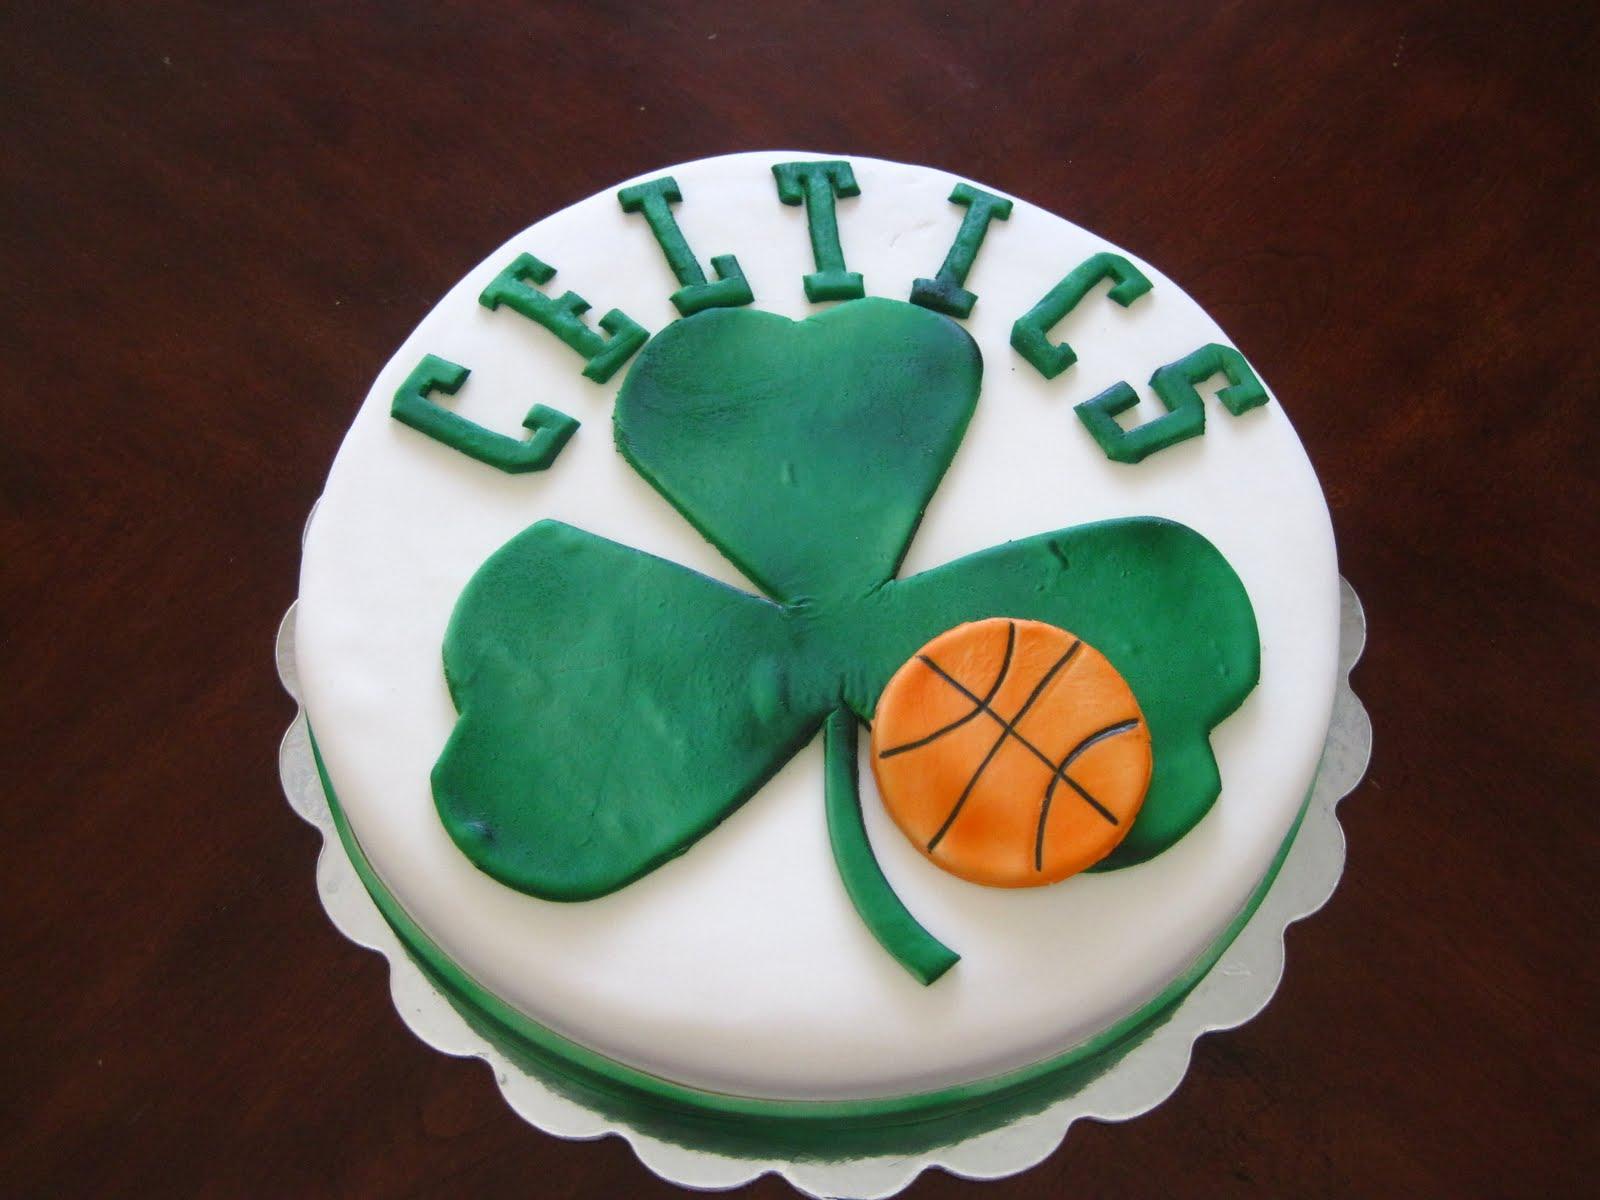 Boston Celtics Happy Birthday Cake